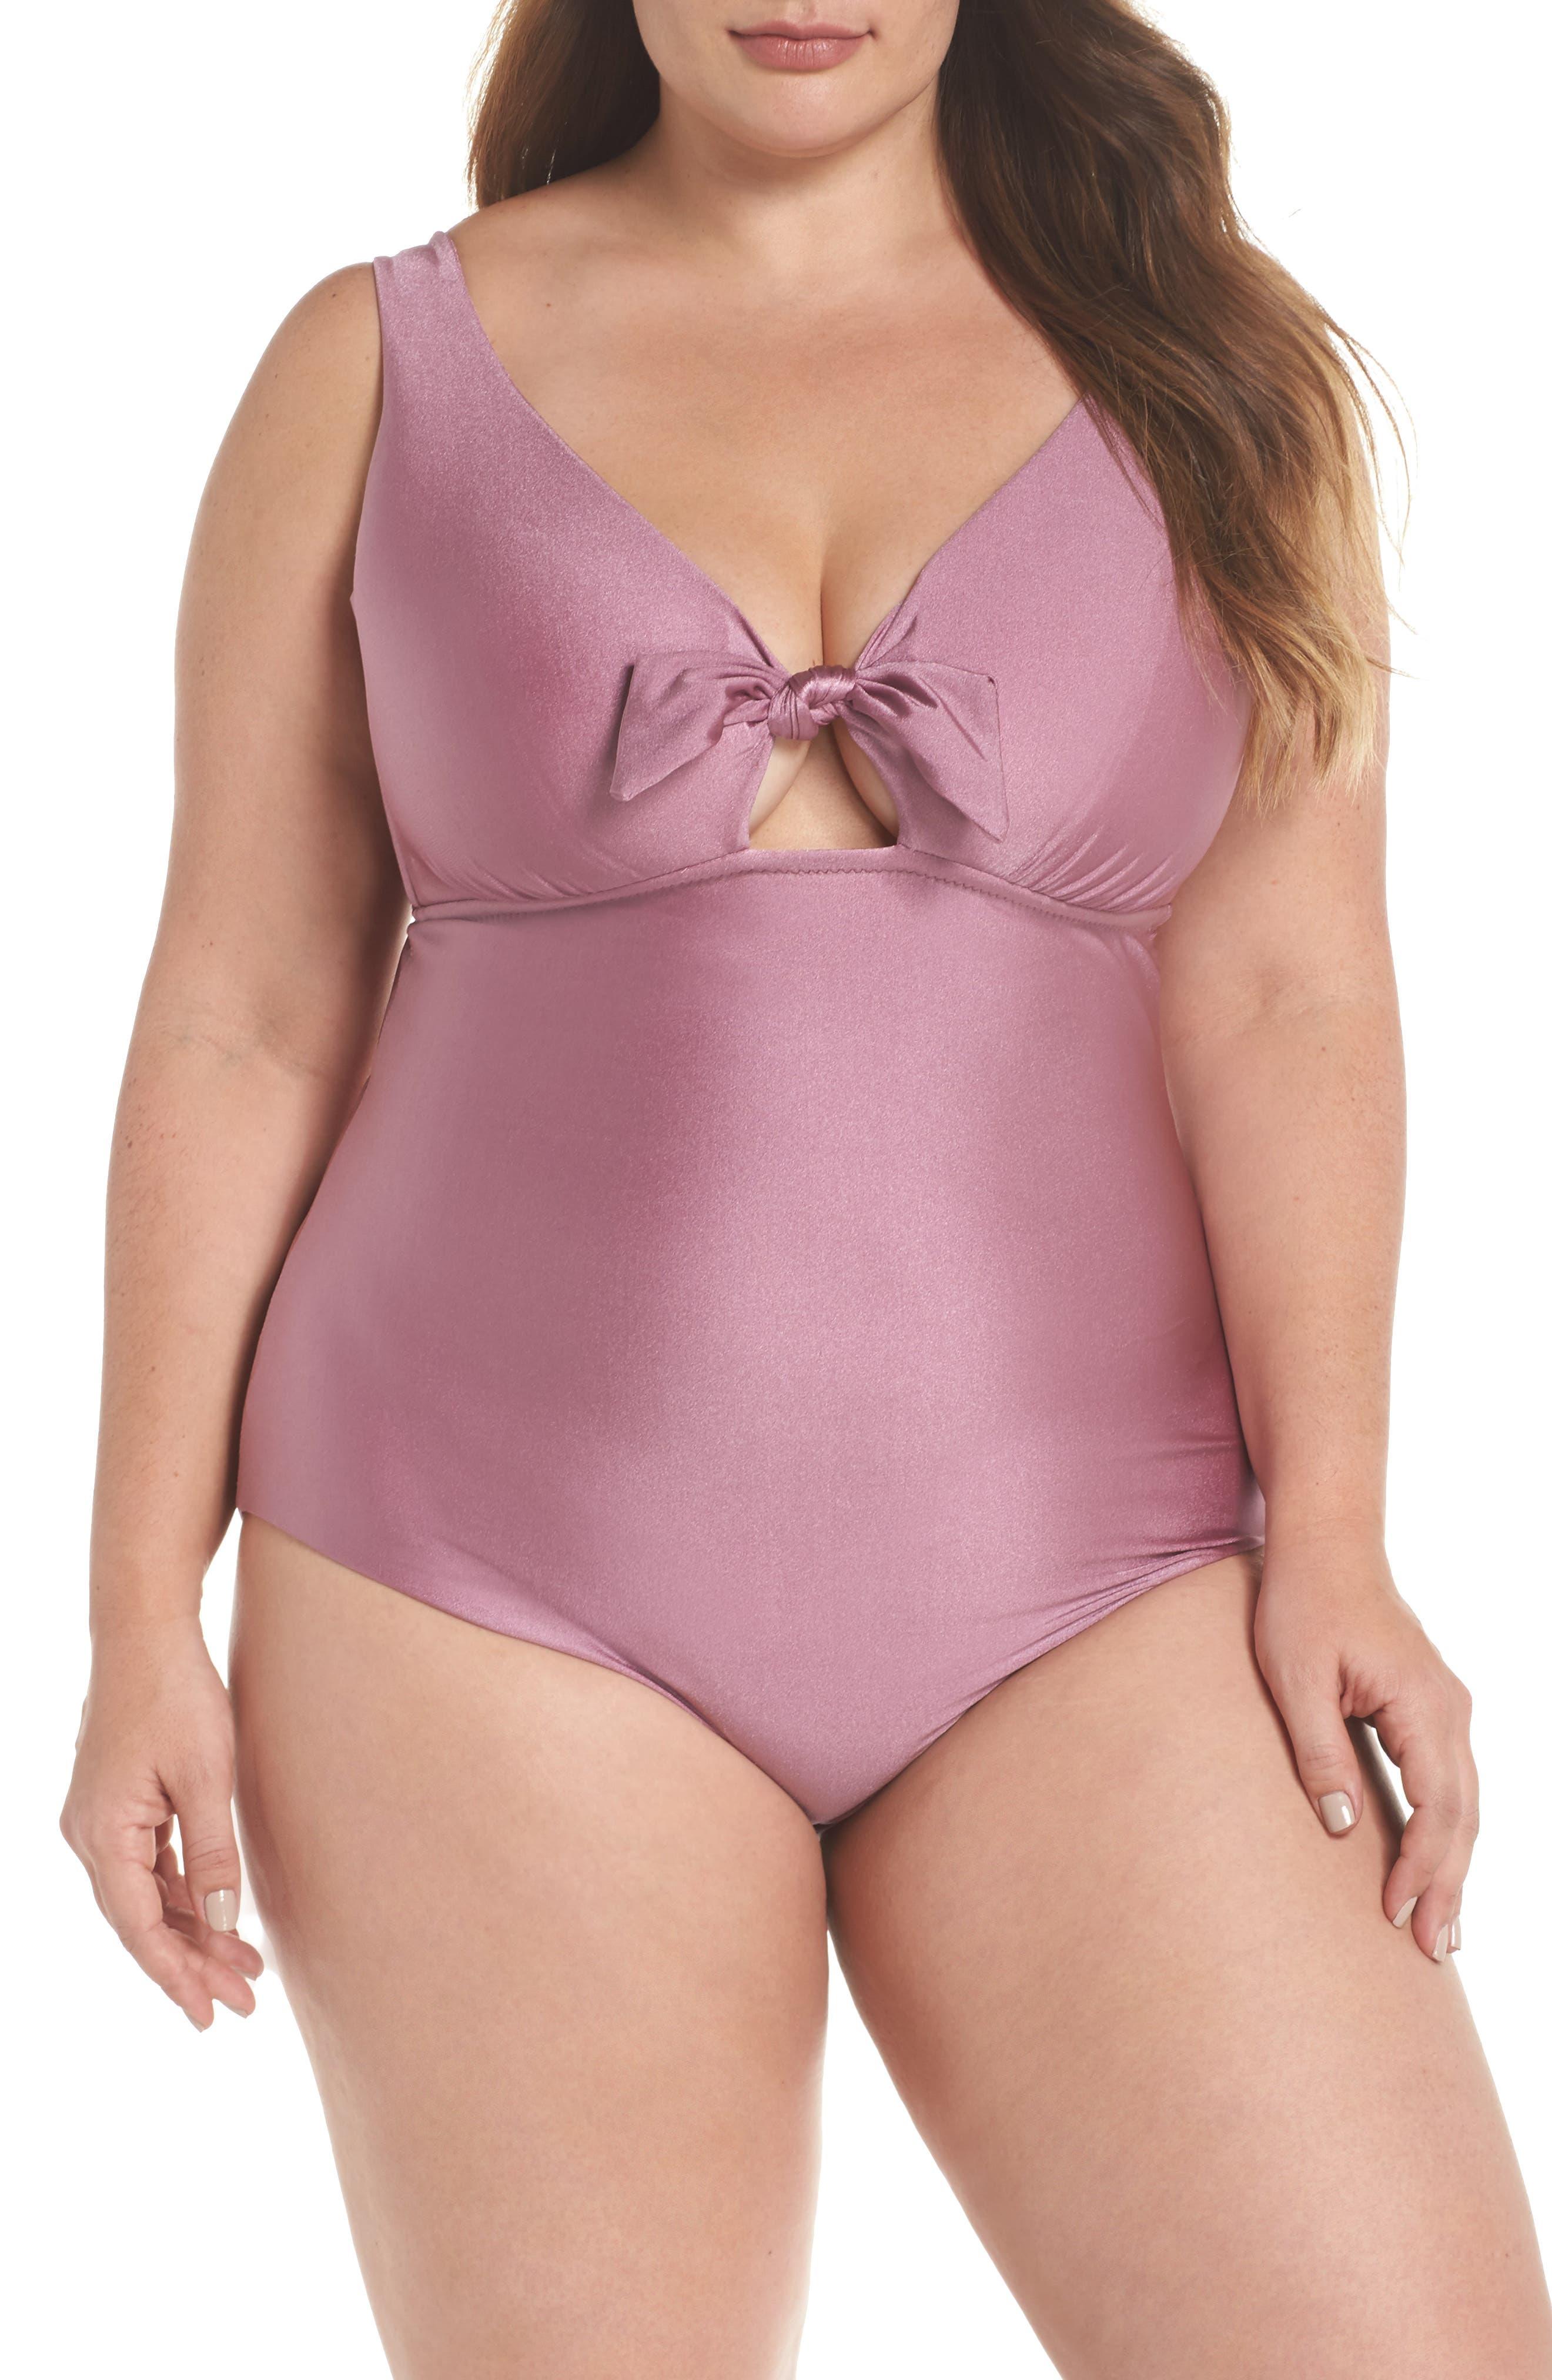 Ballerina One-Piece Swimsuit,                         Main,                         color, Mauve